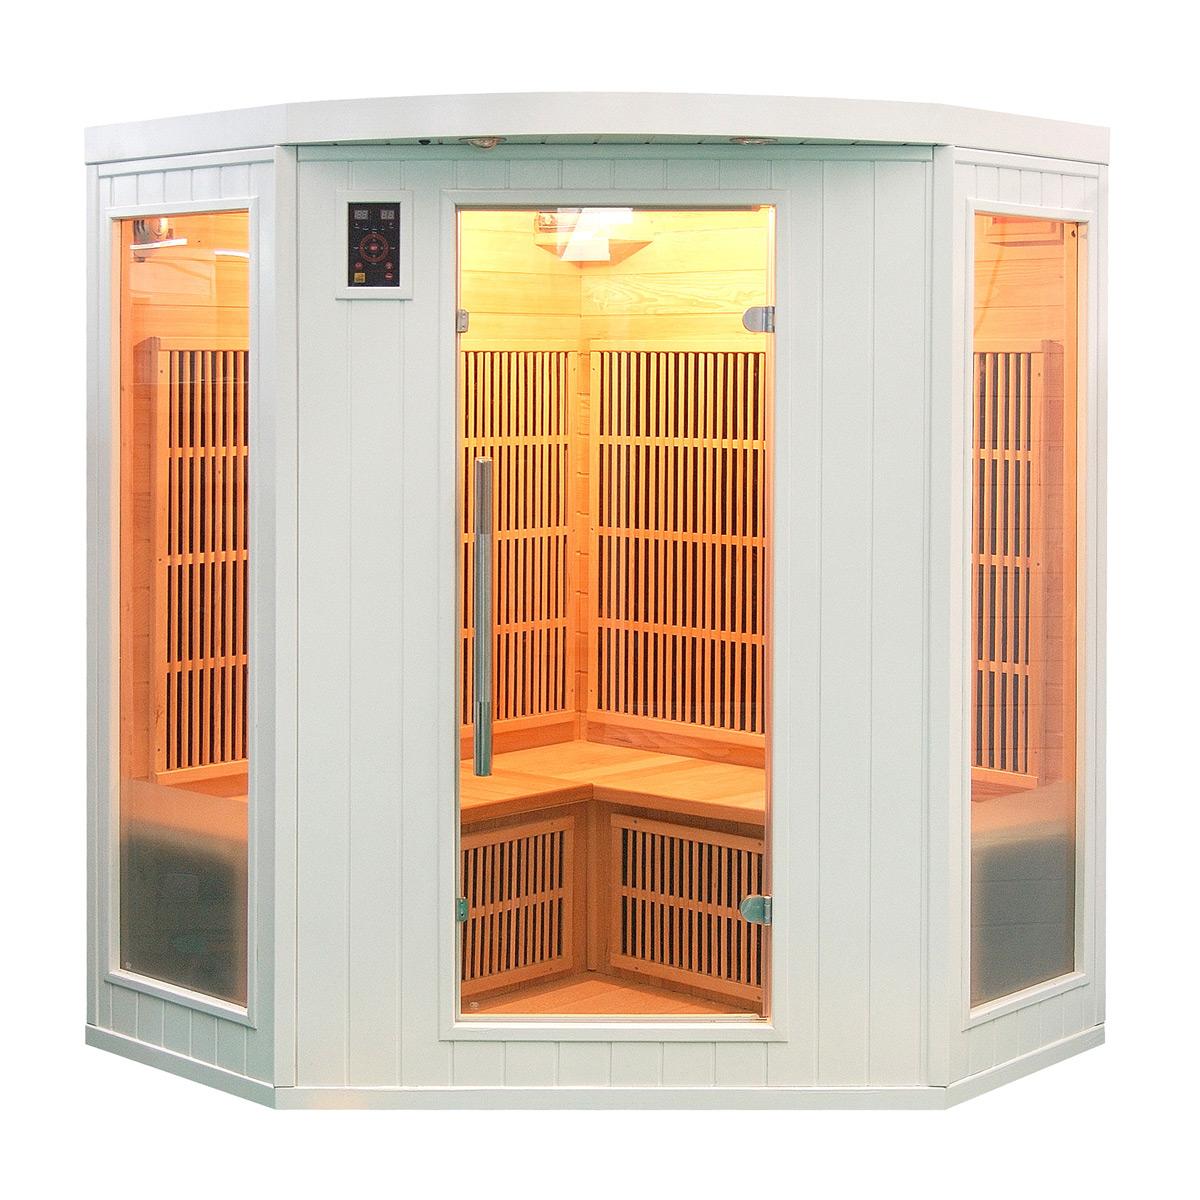 Cabine sauna soleil blanc 3 4 places for Cabine sauna exterieur